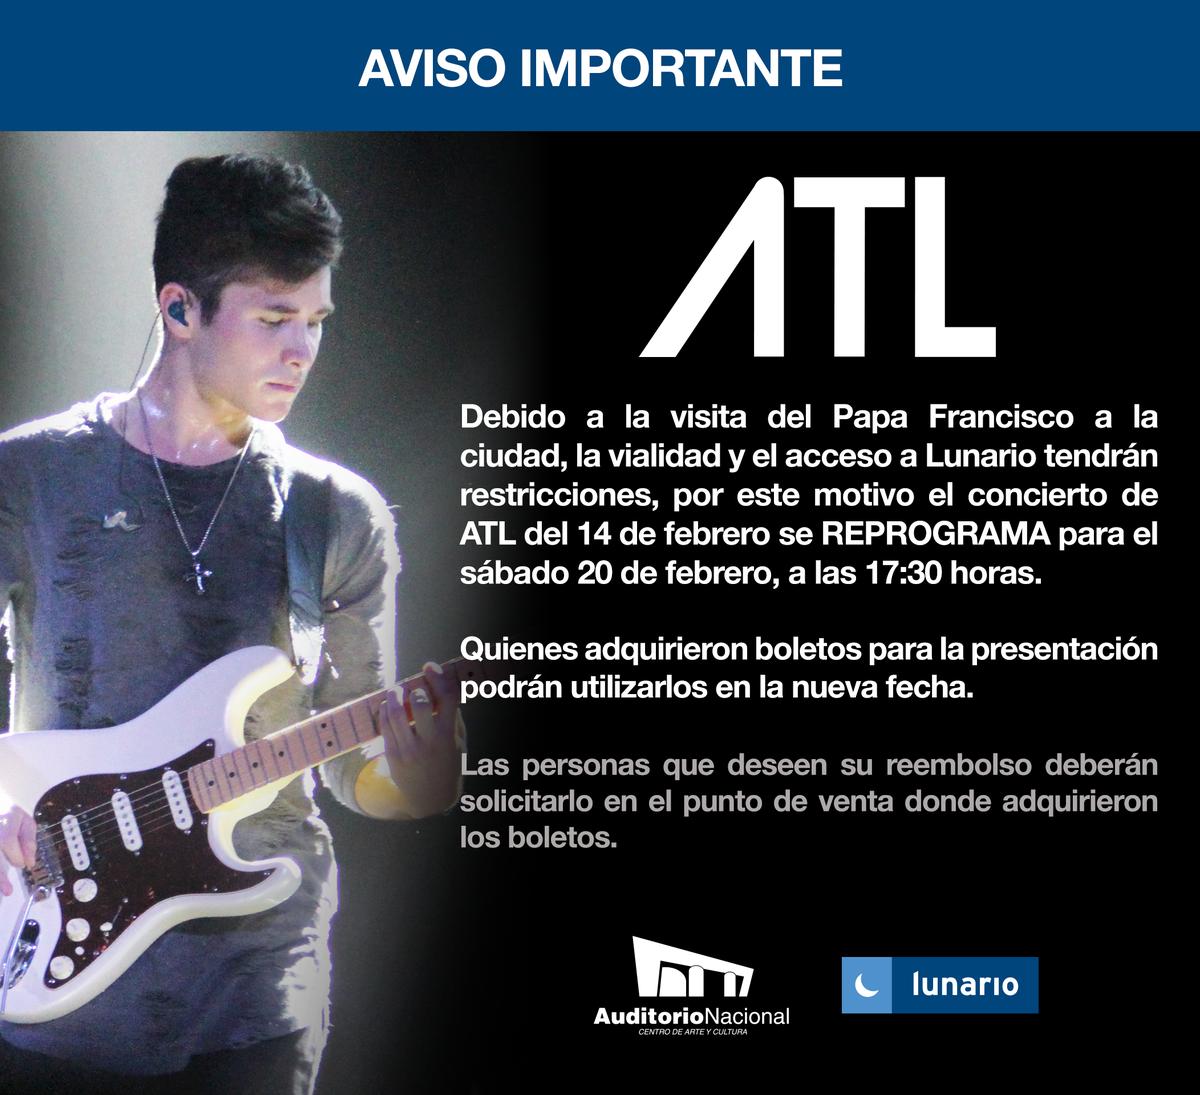 Debido a la visita del #PapaEnMex el concierto de @ATLGarza se reprograma para el 20 de febrero. https://t.co/yP8wPmvU5K